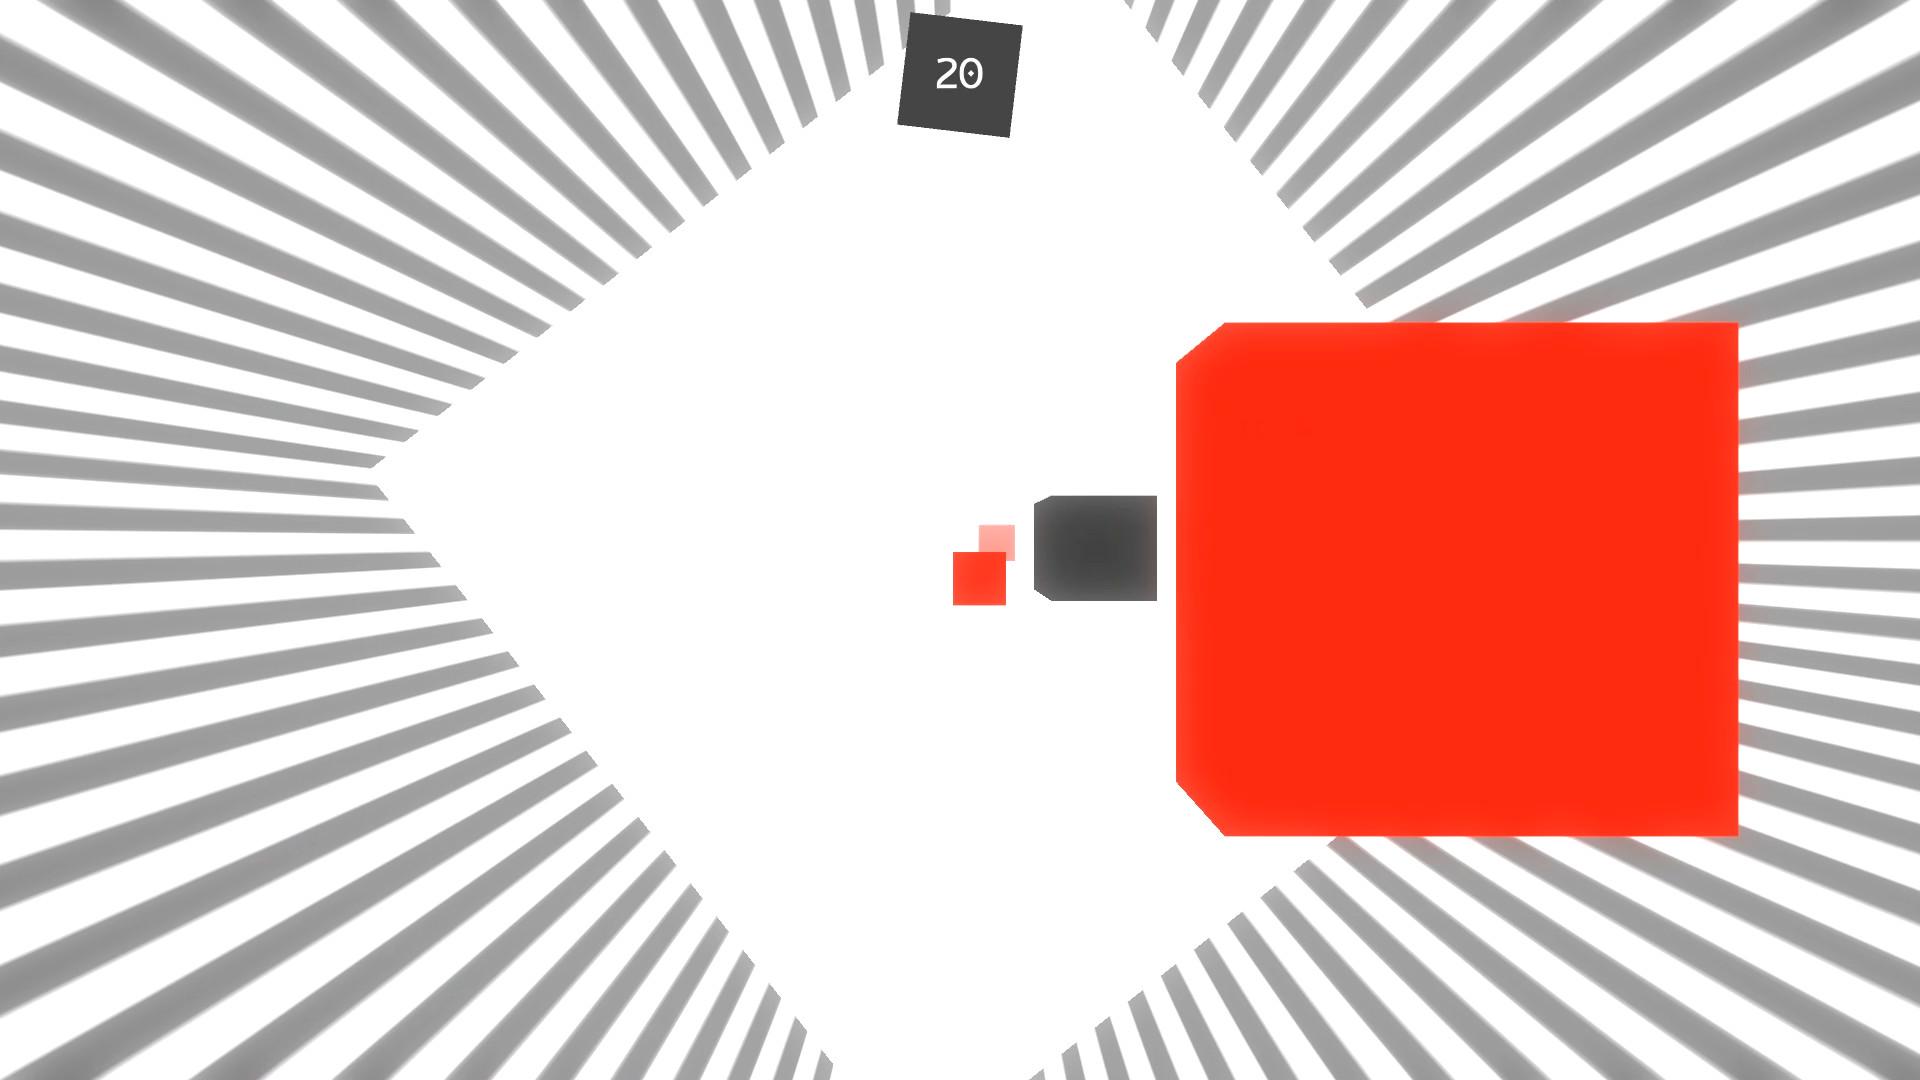 Linea, the Game screenshot